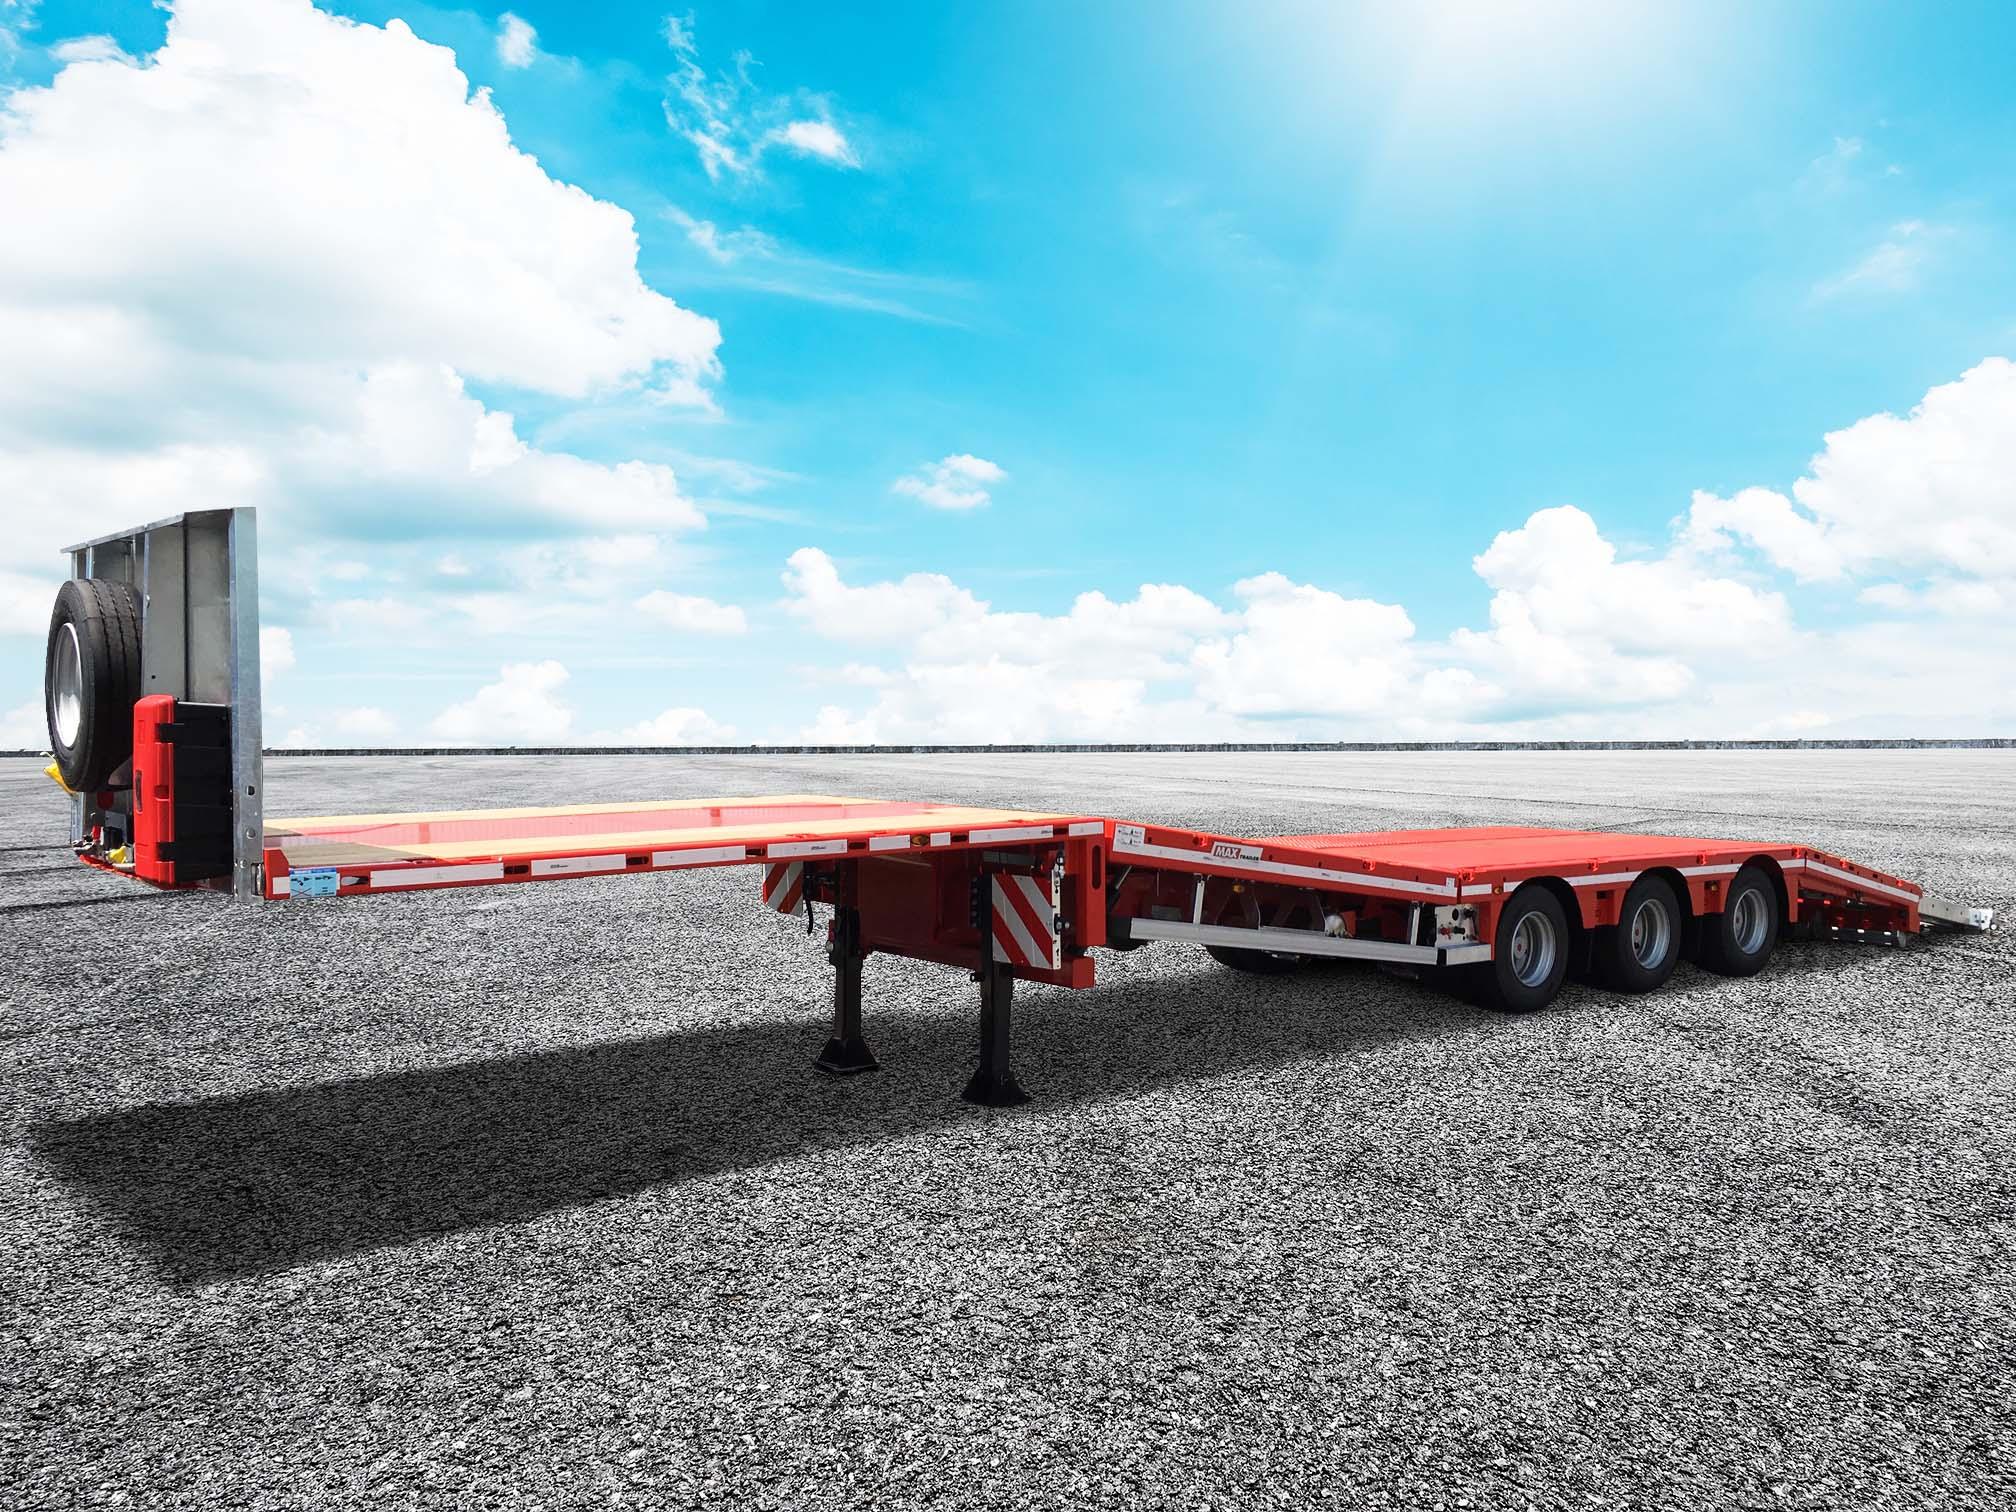 Lungime mai mare de încărcare cu peste 6 metri, la același cost